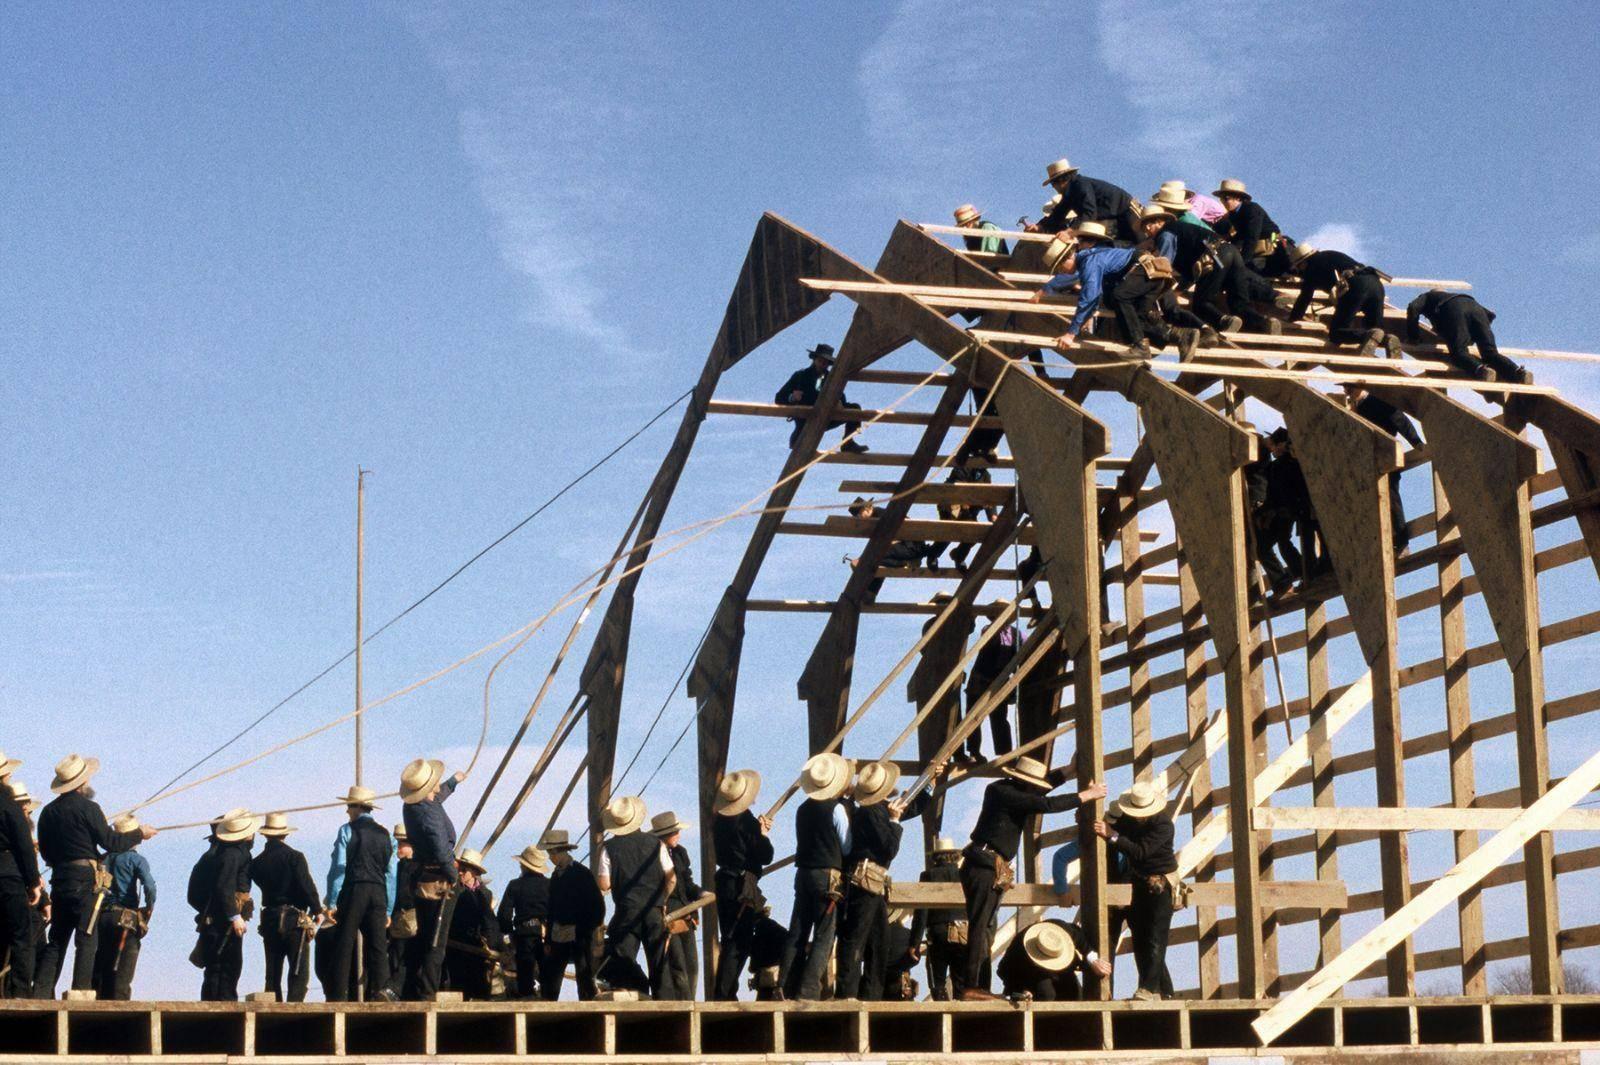 Construção de uma fazenda por Amishes nos Estados Unidos (DiscoverLancaster.com / Terry Ross)